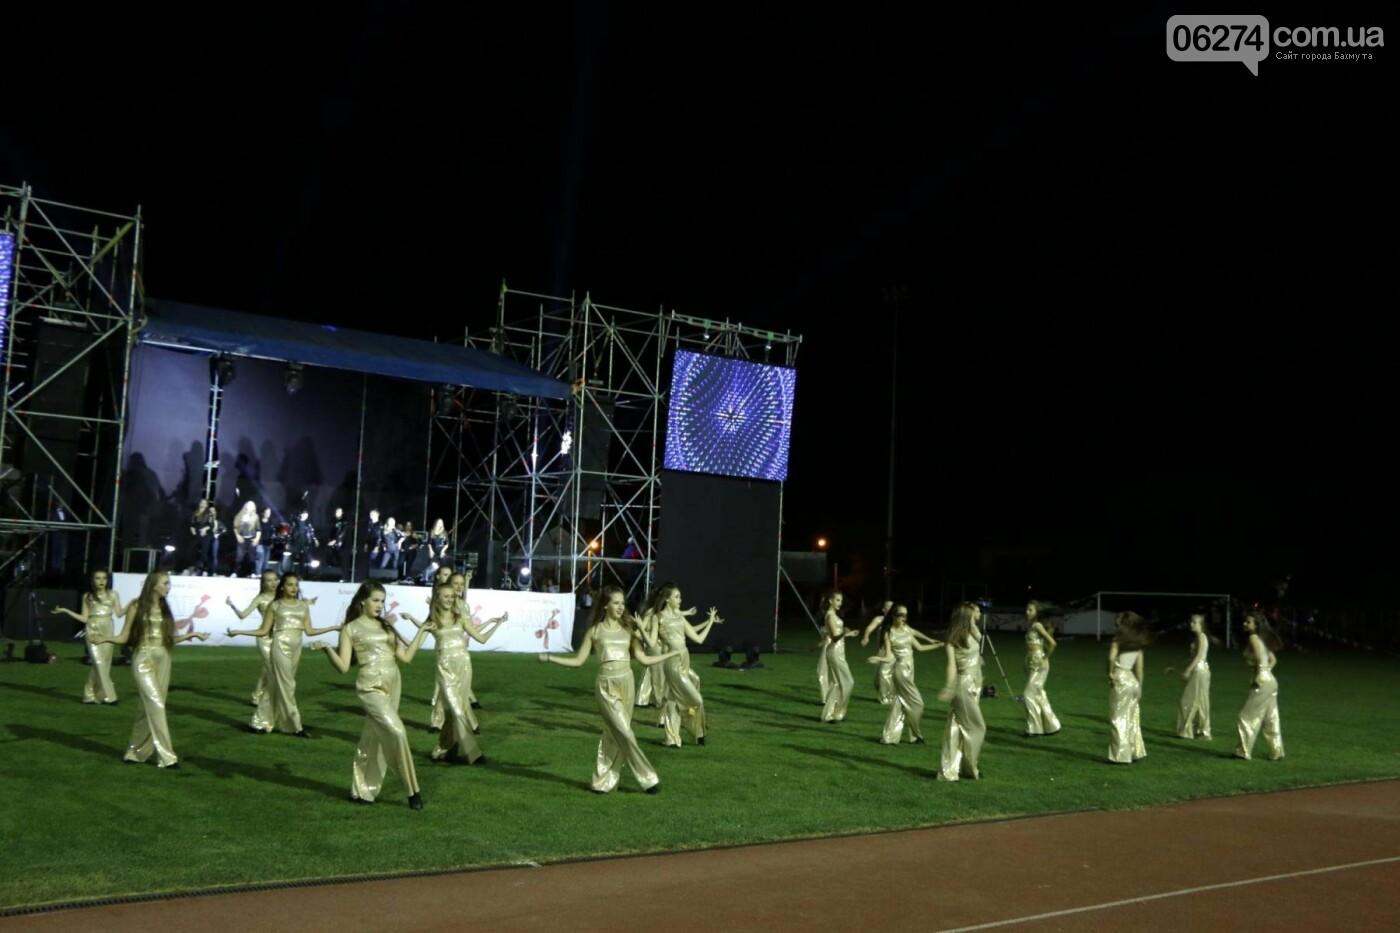 Ярким концертом завершился День города в Бахмуте (ФОТО), фото-20